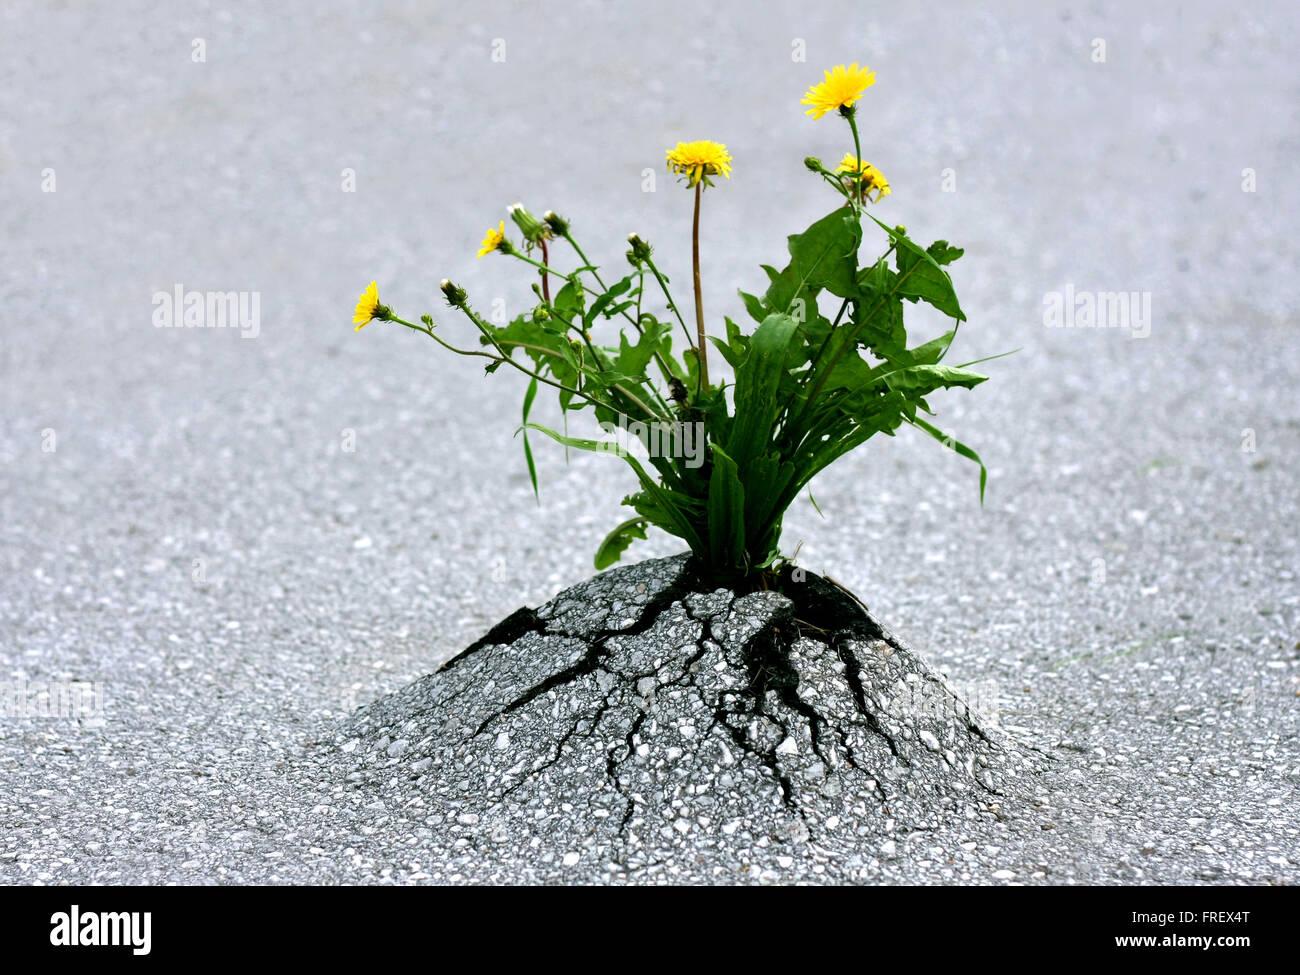 Pflanzen, die durch Felsen harten Asphalt. Zeigt die Kraft der Natur und erstaunliche Leistungen gegen alle Widrigkeiten! Stockbild